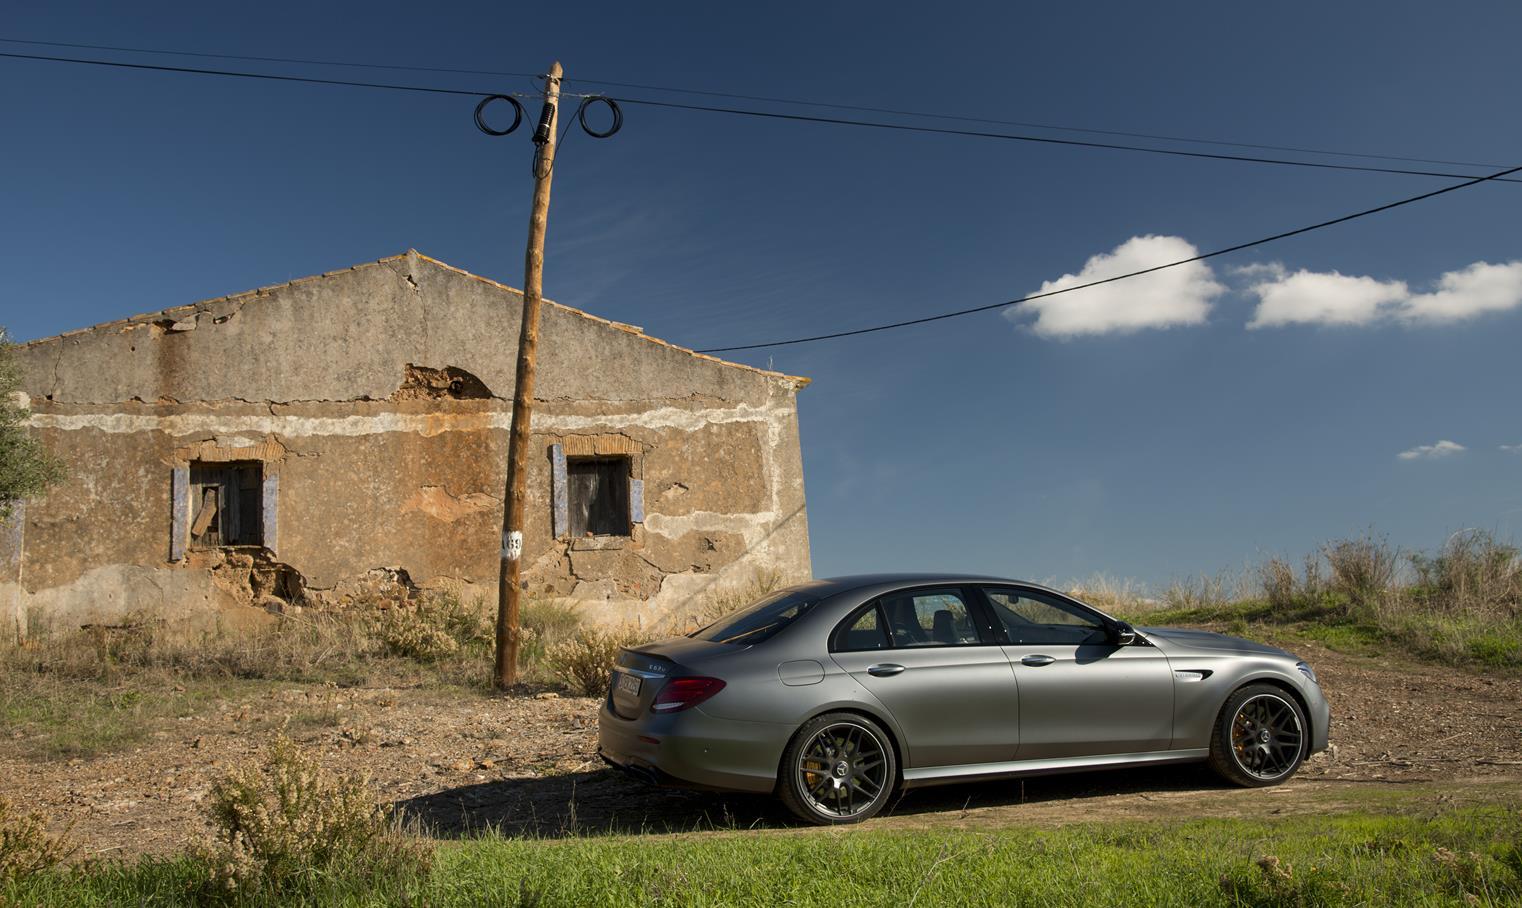 Mercedes-Benz E63 AMG photo 171945